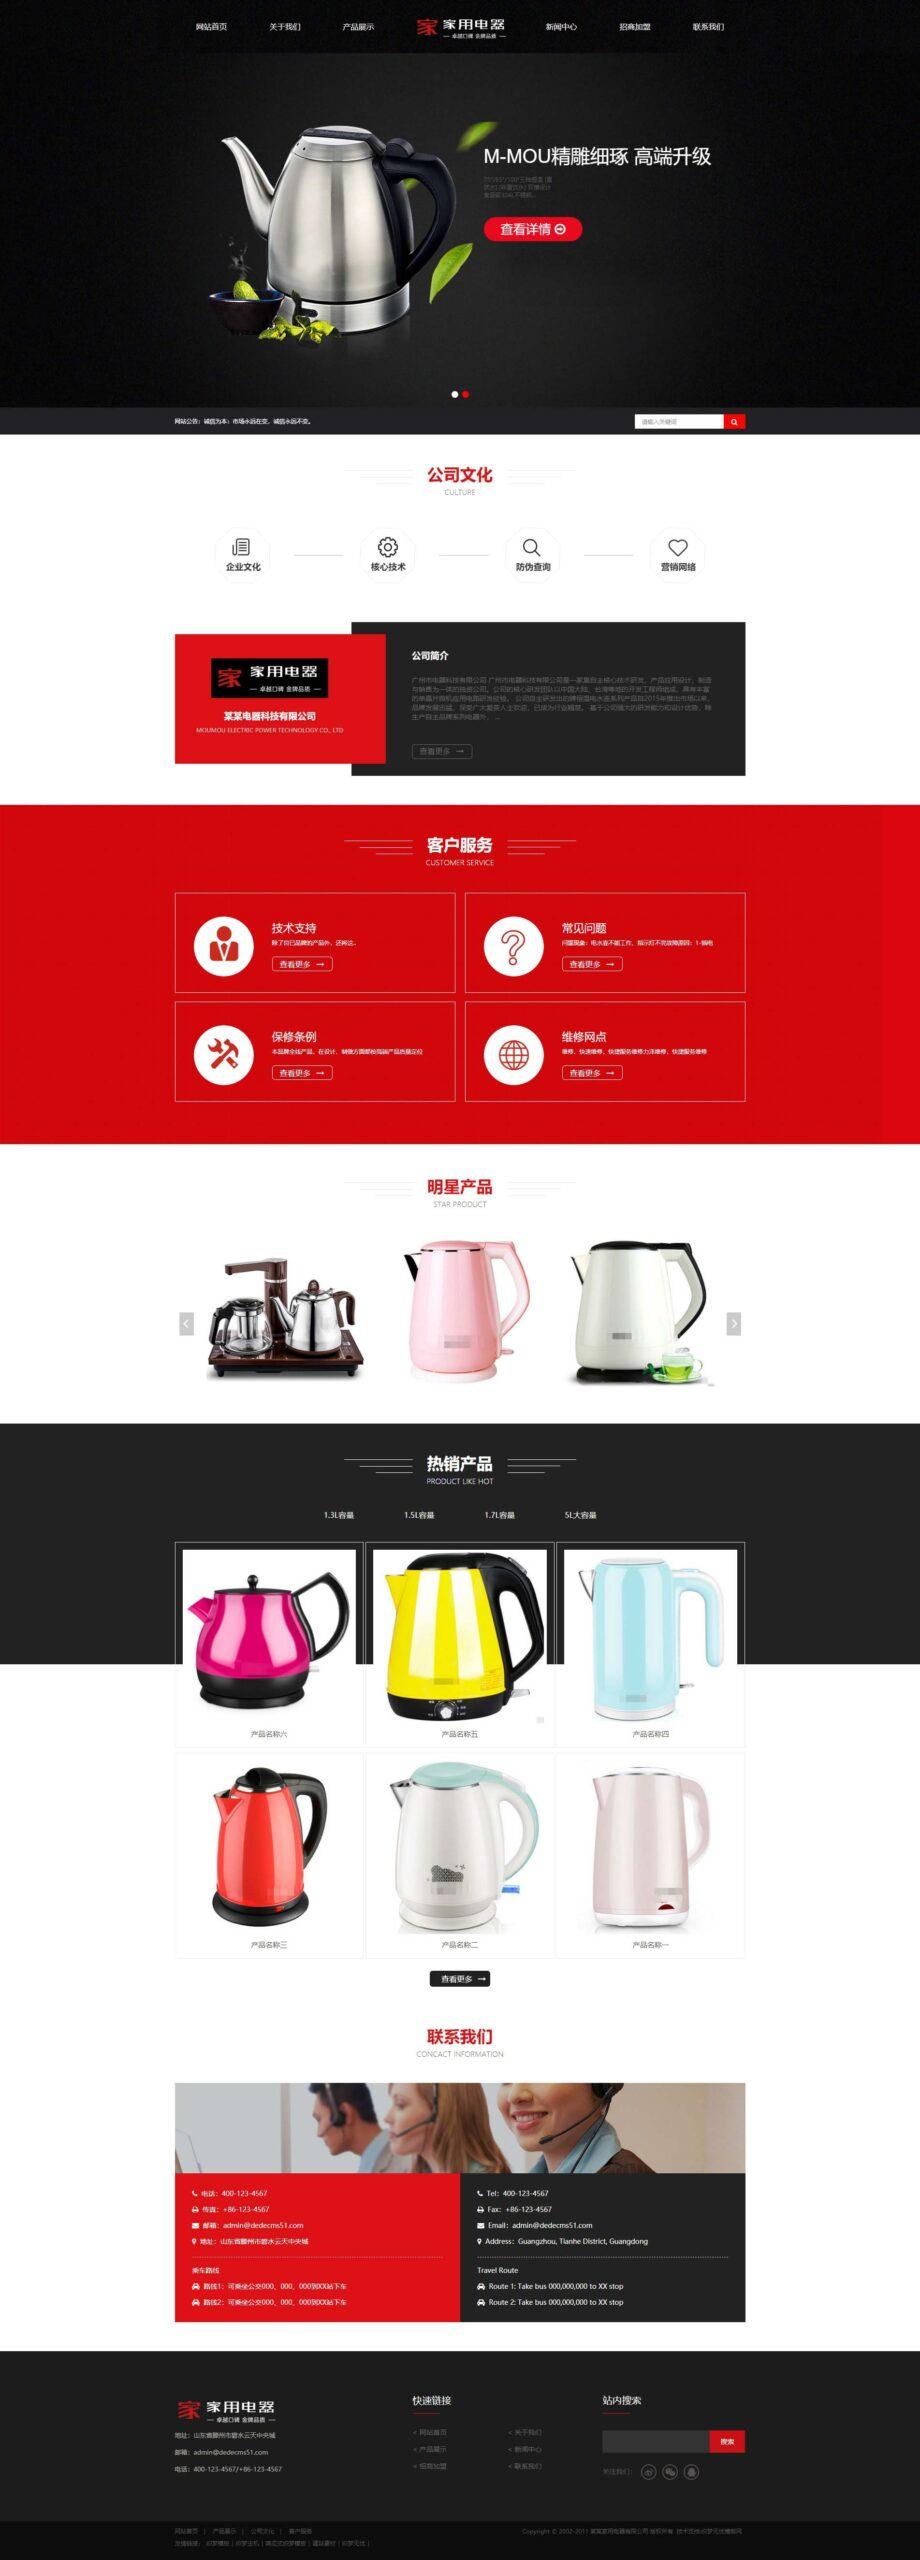 电器产品电水壶电器产品机器设备dede织梦网站模板免费下载[带手机端]插图